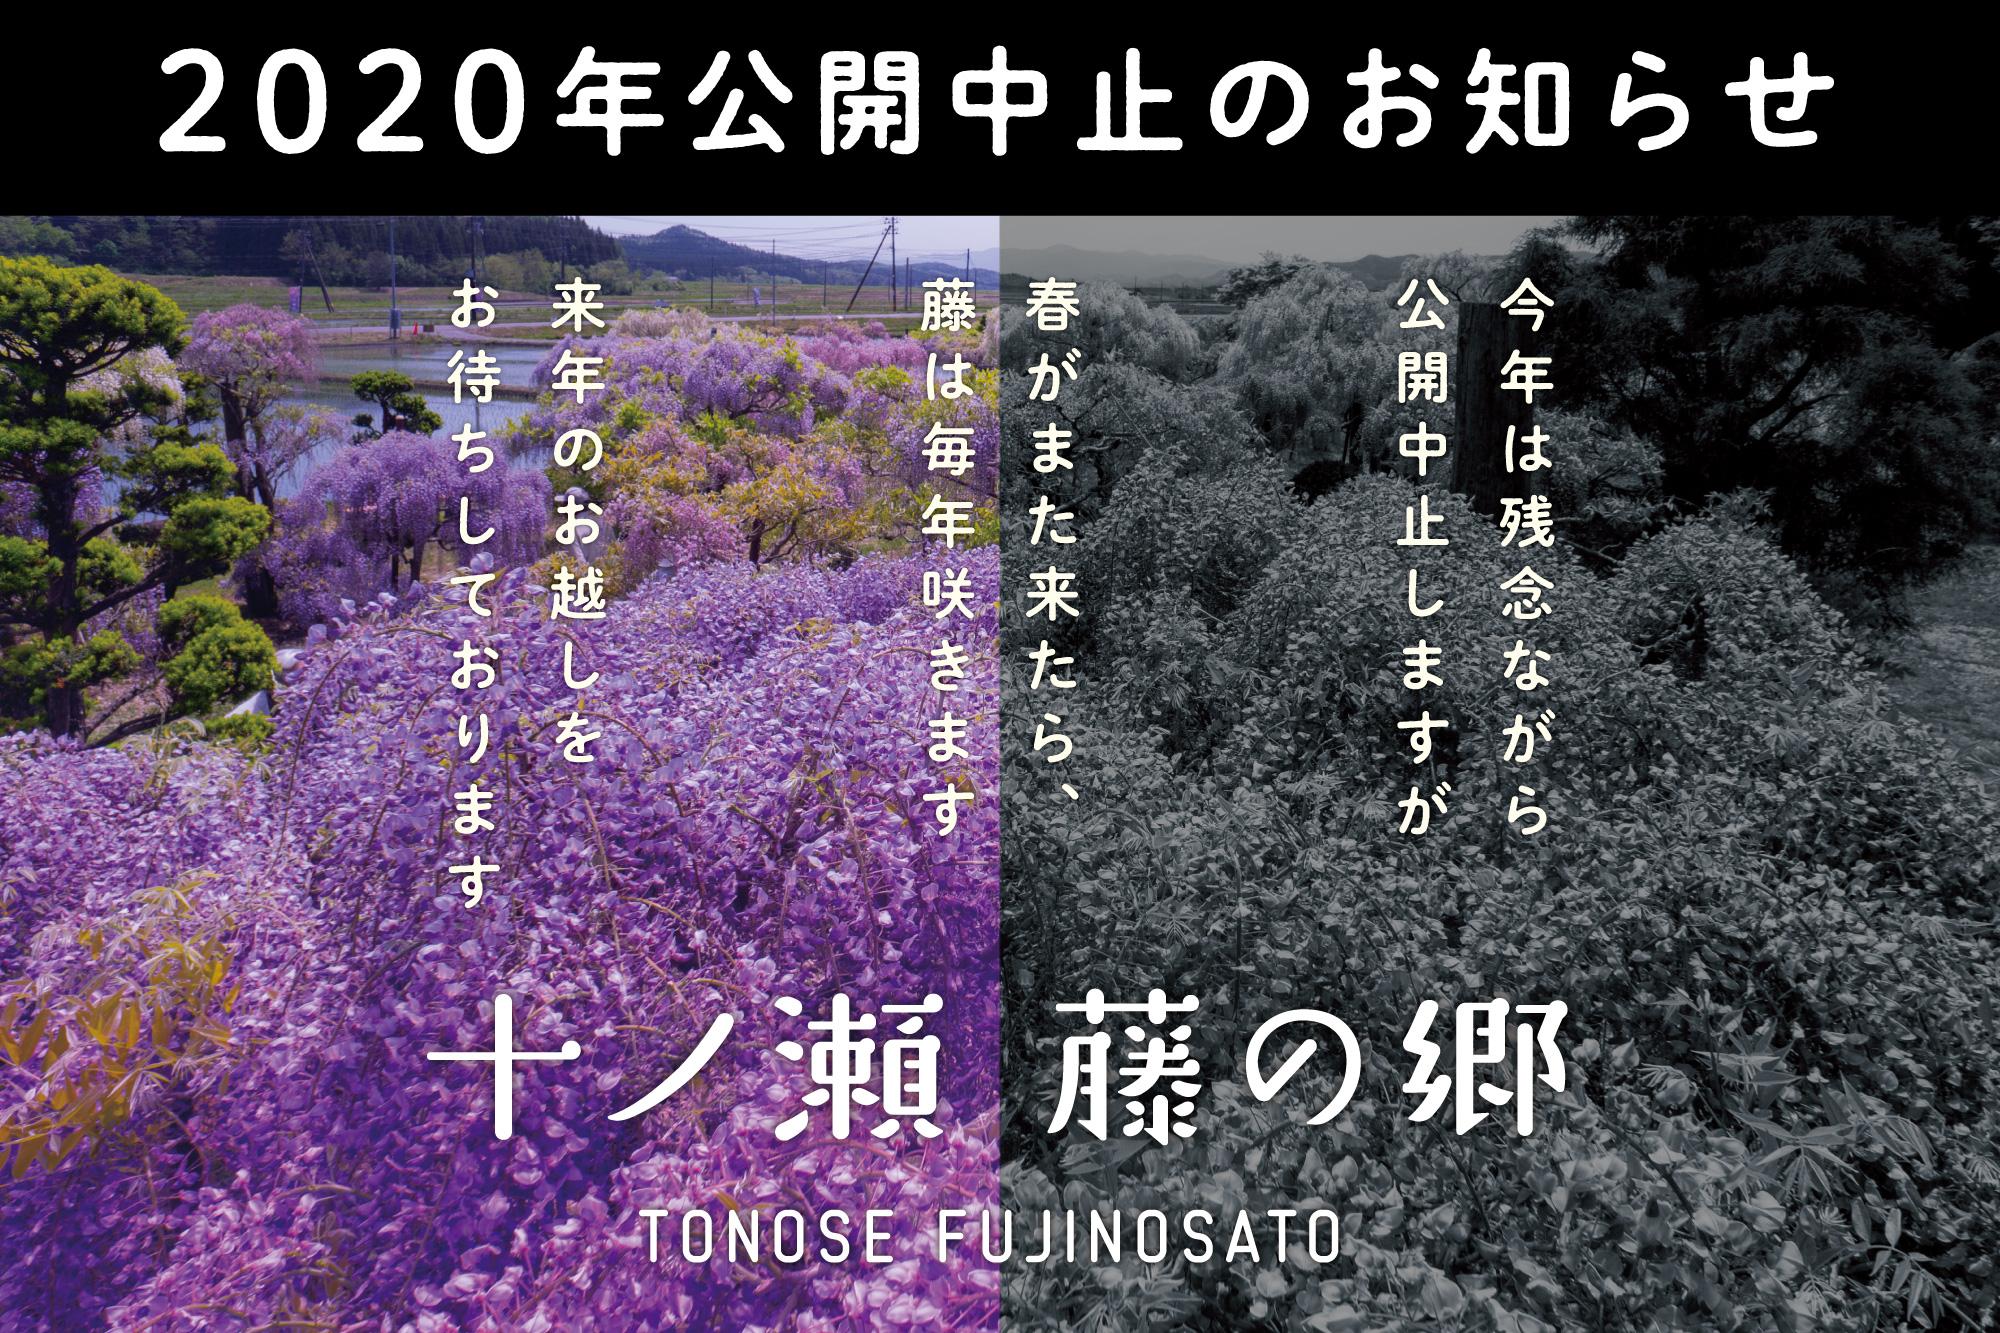 十ノ瀬 藤の郷